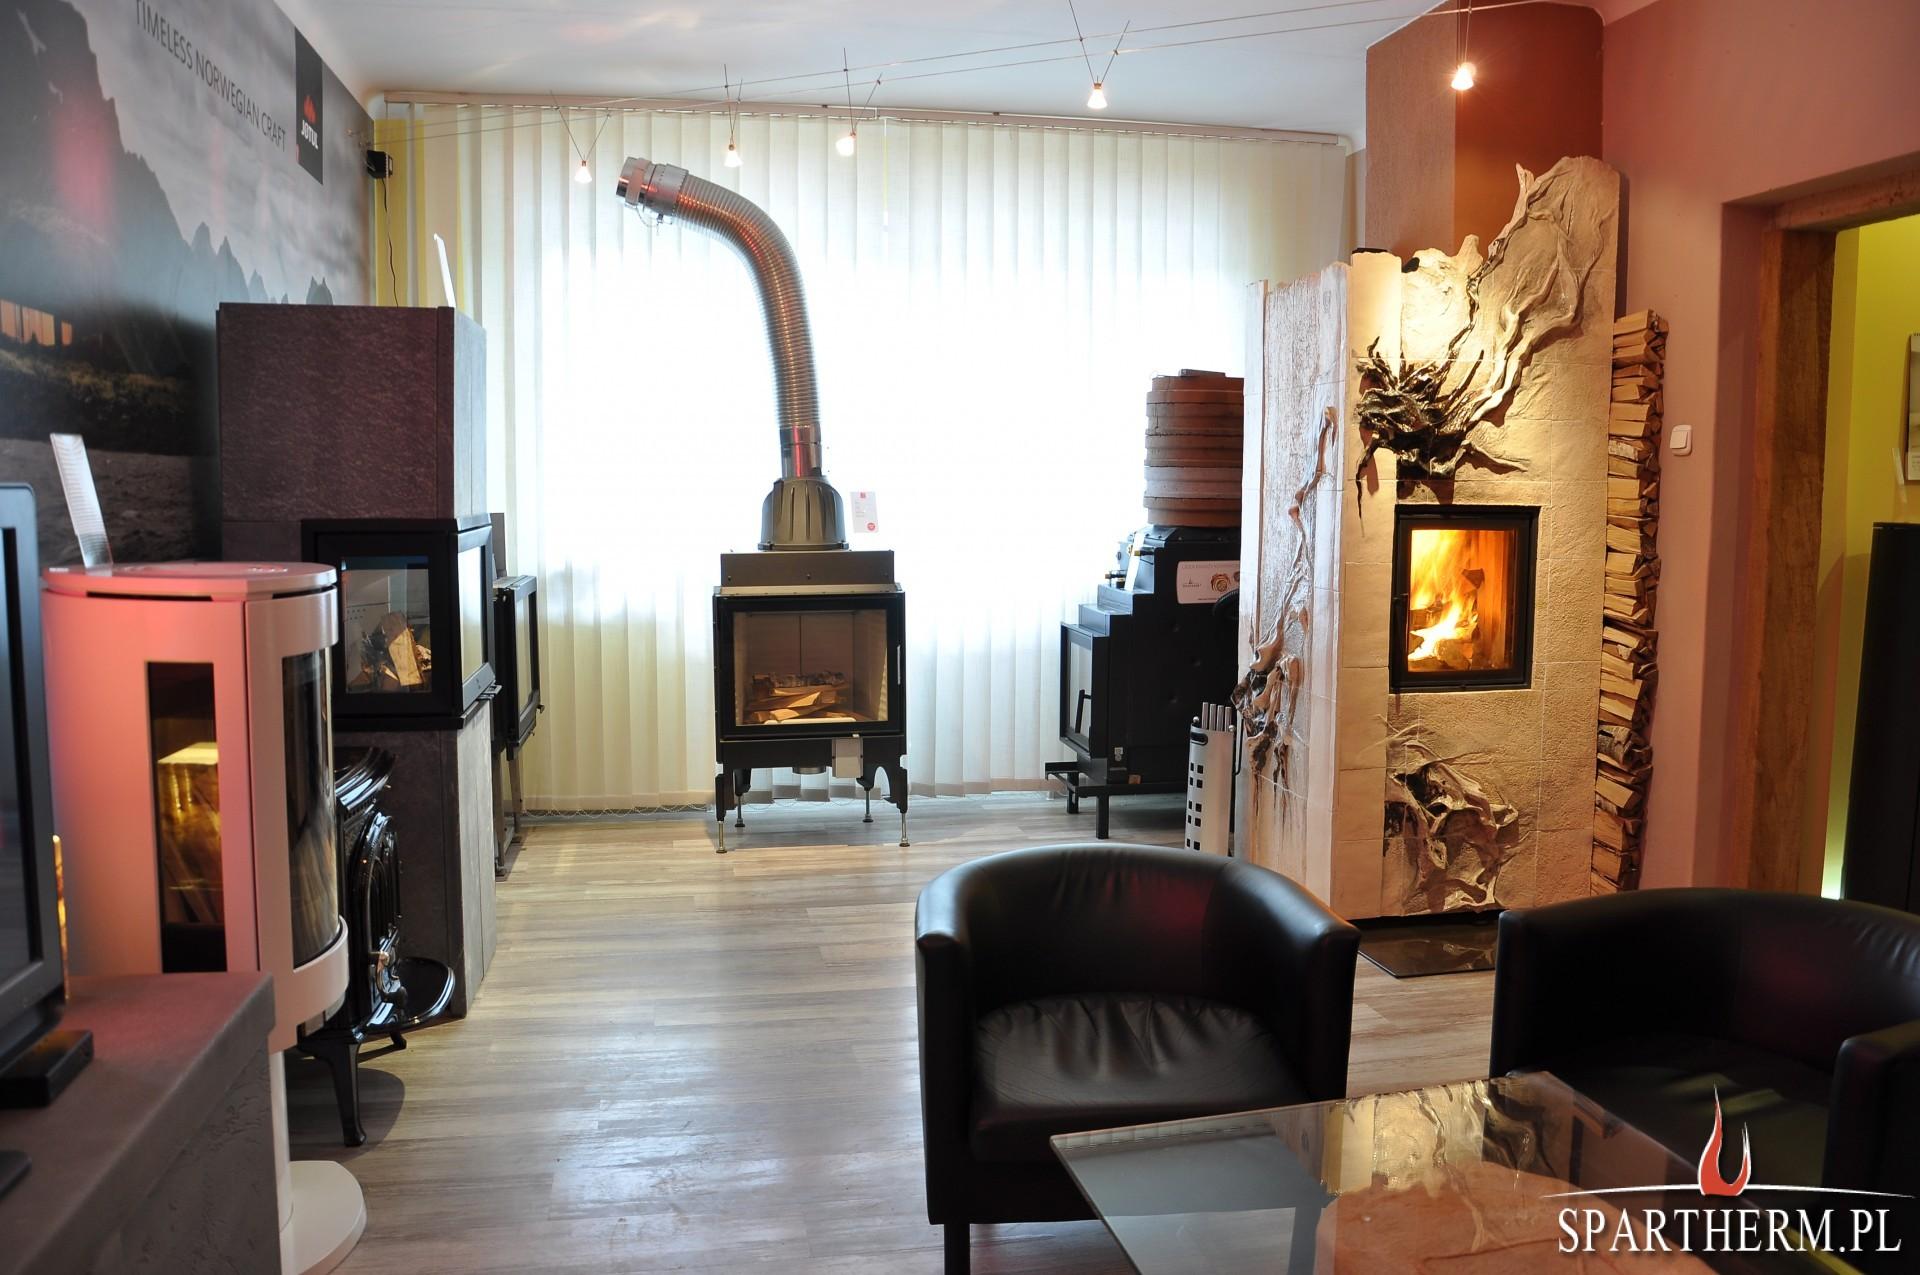 ciep y kominek warszawa marki spartherm producent wk ad w kominkowych kominki i wk ady. Black Bedroom Furniture Sets. Home Design Ideas